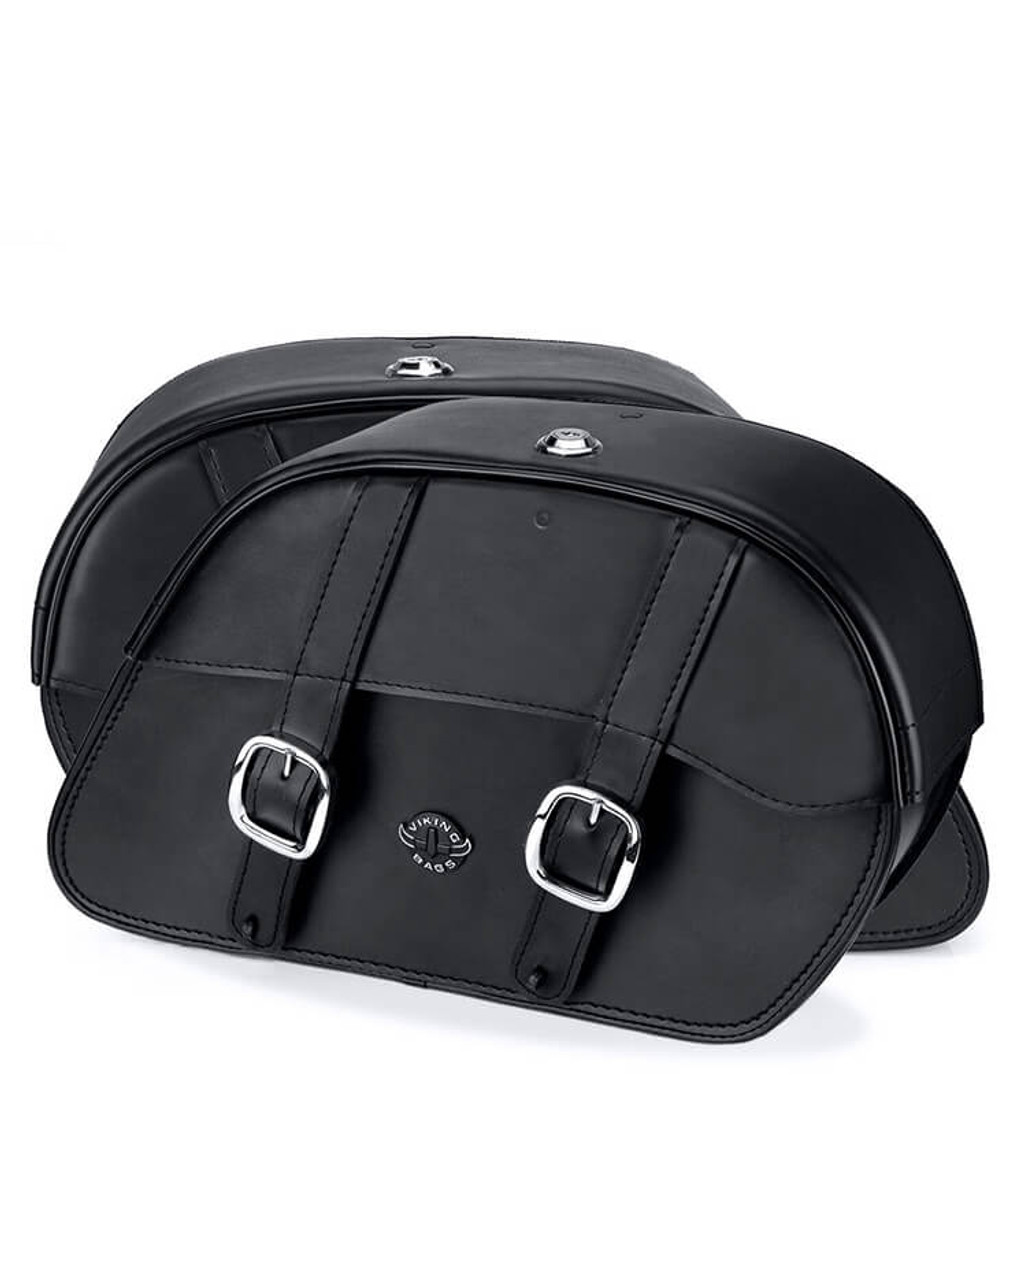 Honda Magna 750 Medium Charger Slanted Motorcycle Saddlebags both bags view